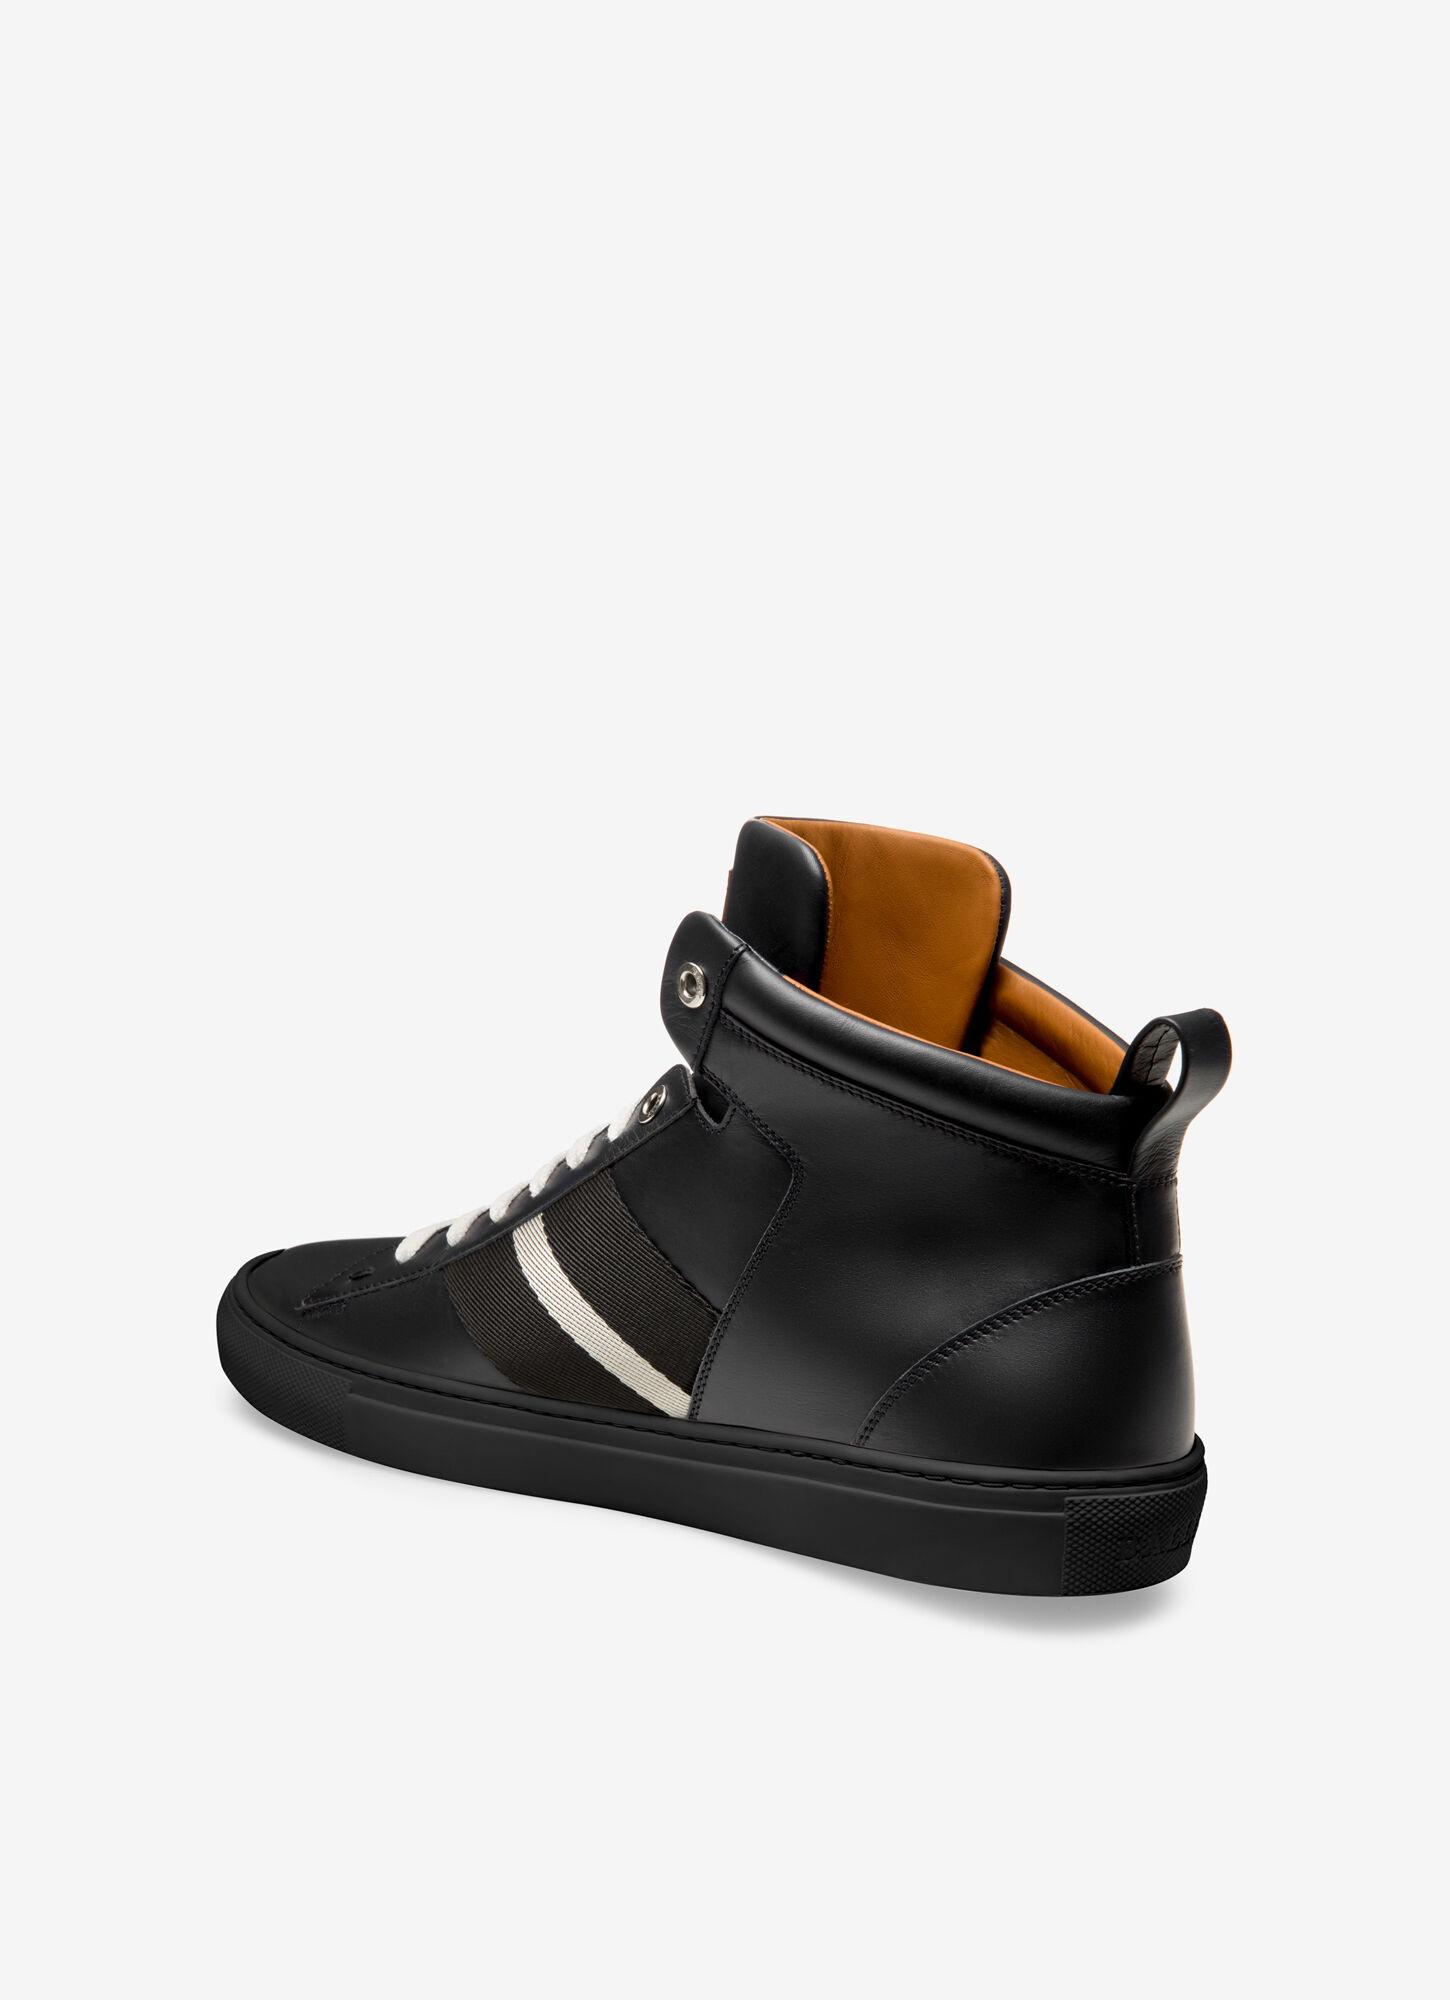 HEDERN  Mens Sneakers   Black Leather